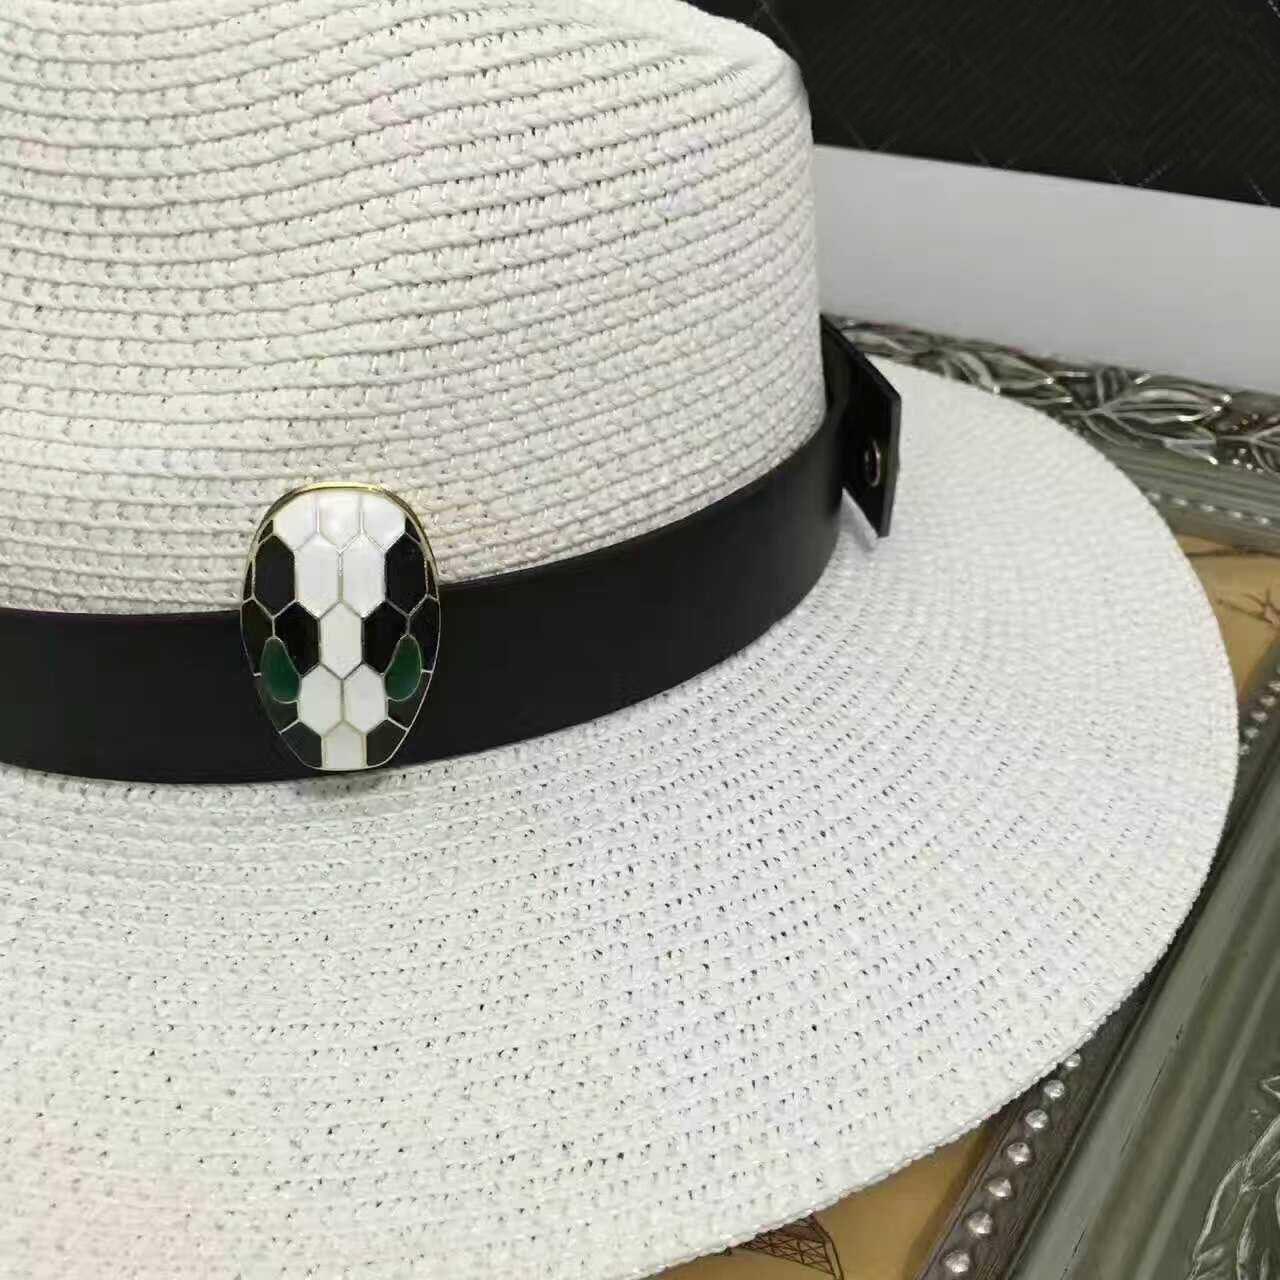 308d656bf44c9 Compre 2017 Diseñador De Los Mejores Sombreros De Calidad De Las Mujeres De  Lujo Cloches Sombreros De Playa Señora Sombreros De Paja Gorras De Las  Mujeres ...